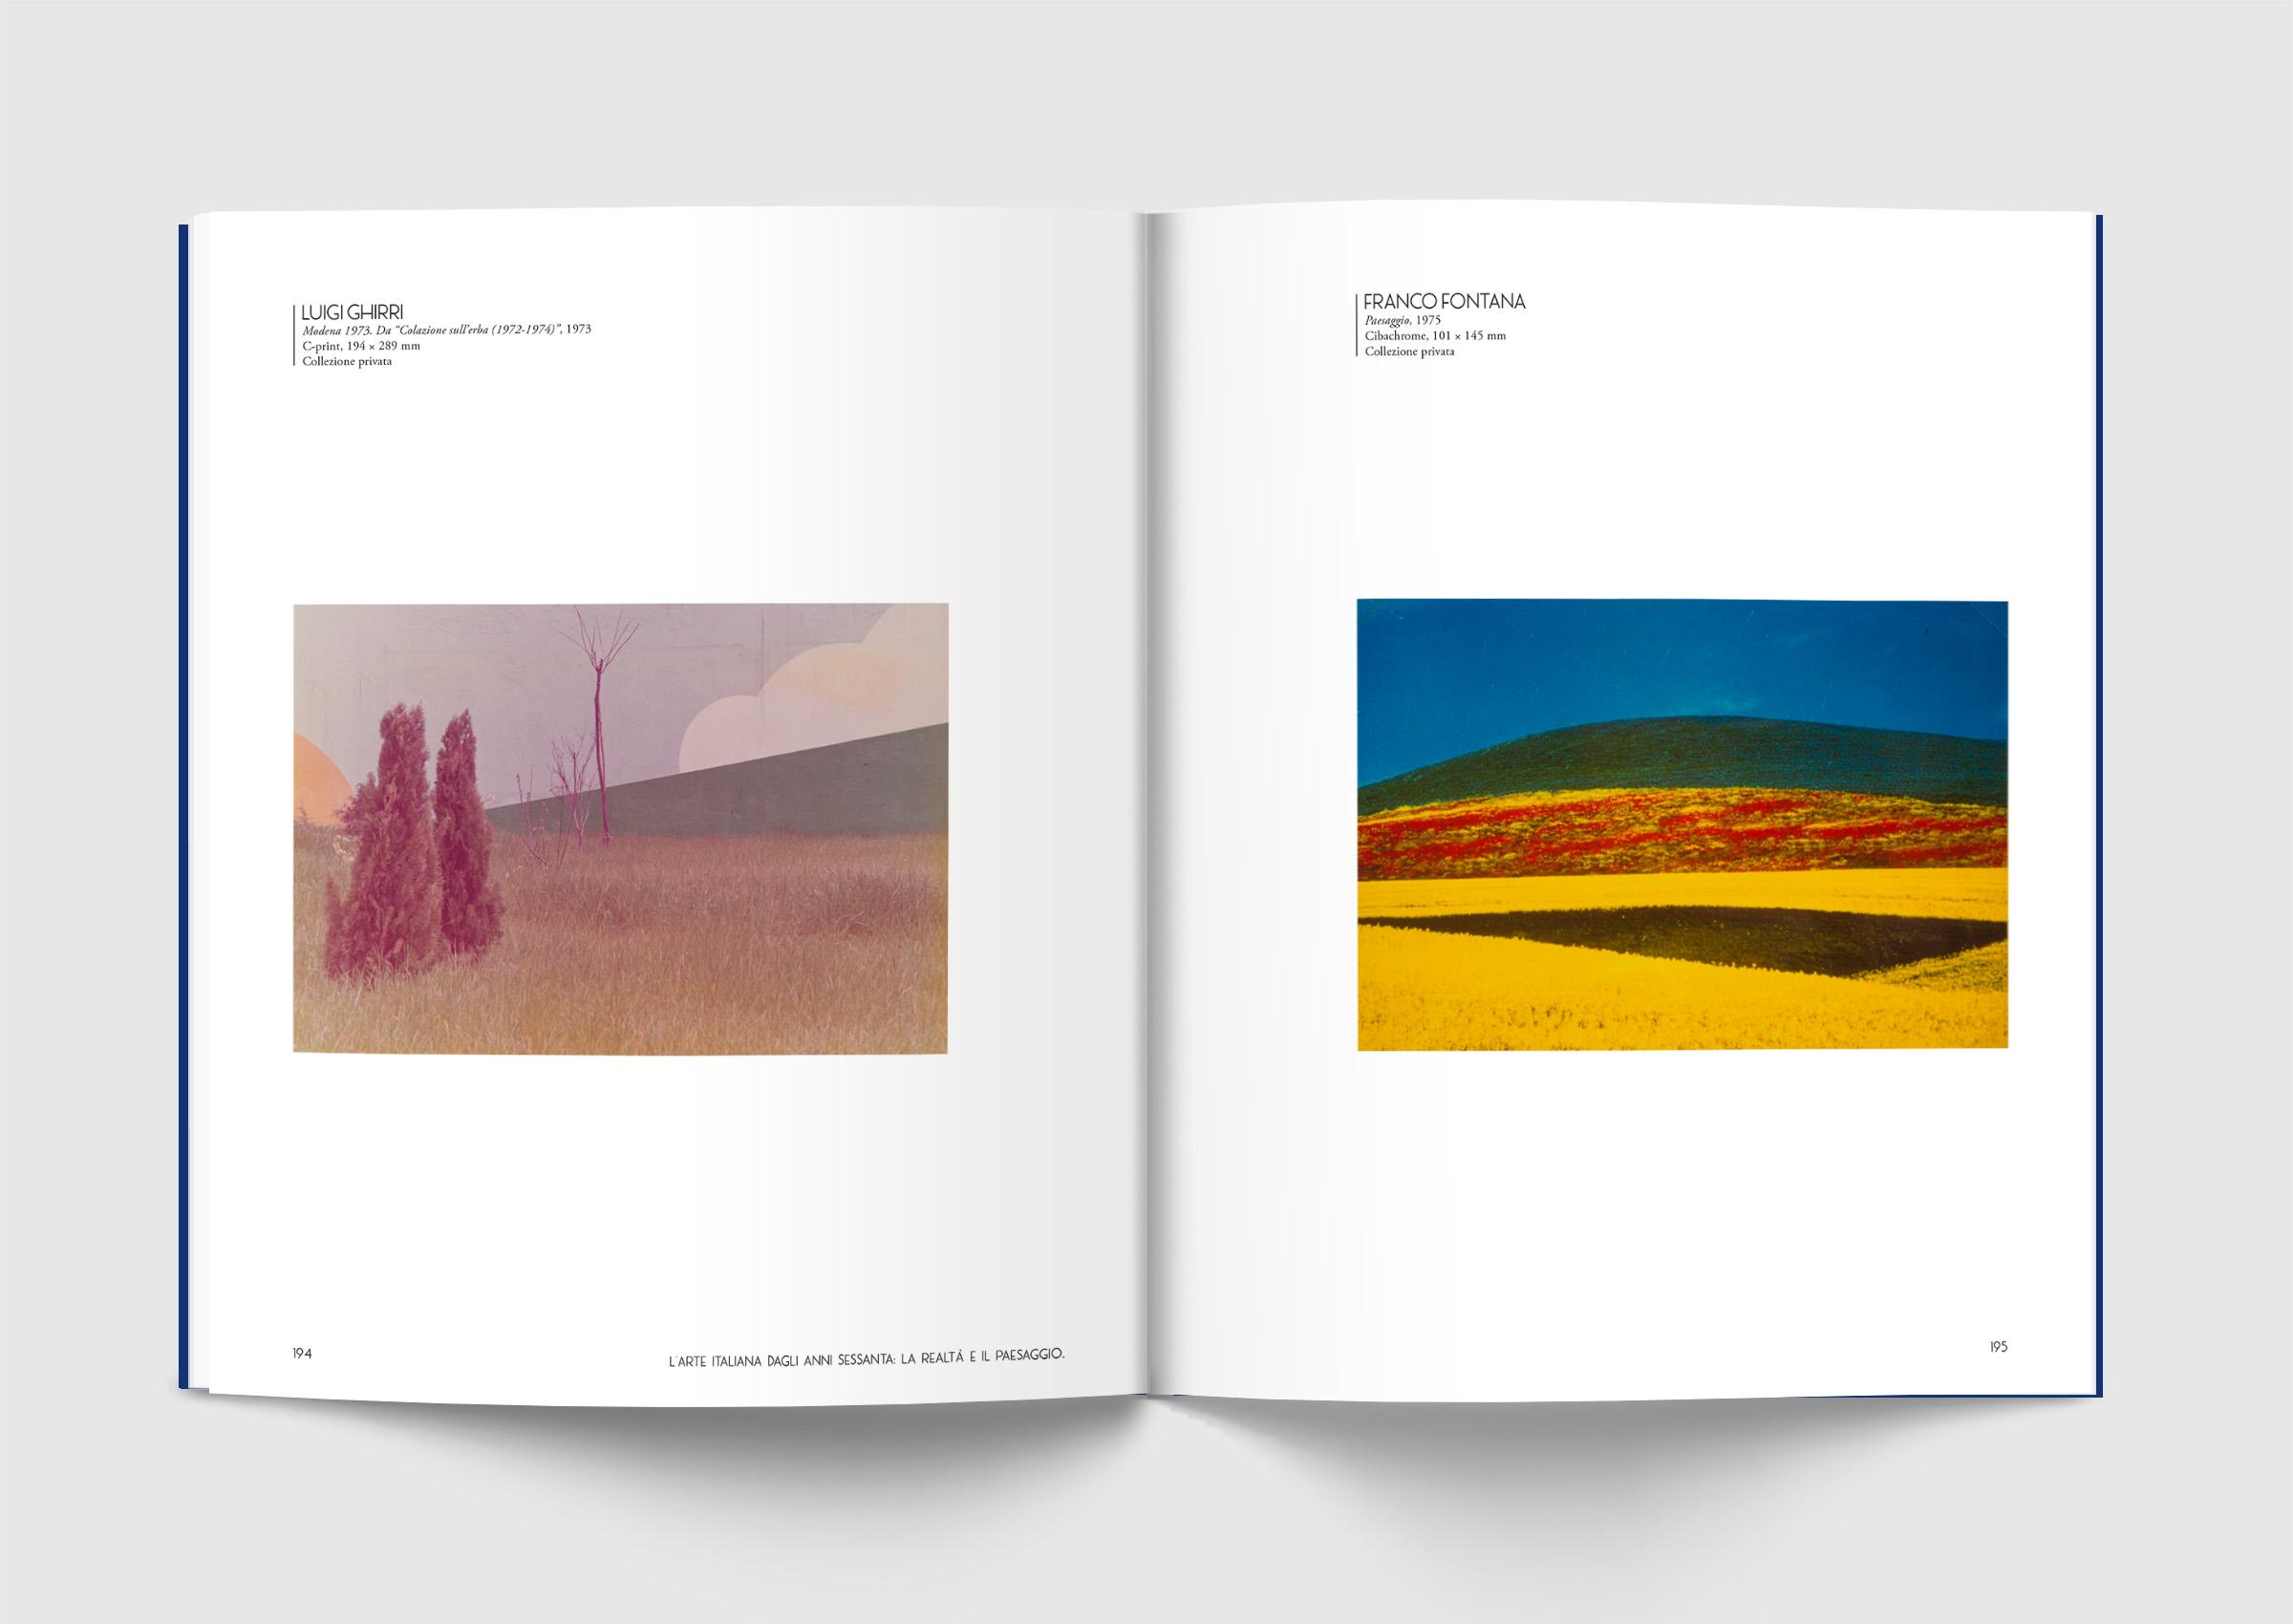 Catalogo Mostra, Arcadia Apocalisse, Palp, Pontedera, Design, Deferrari Modesti, Fontana, Ghirri